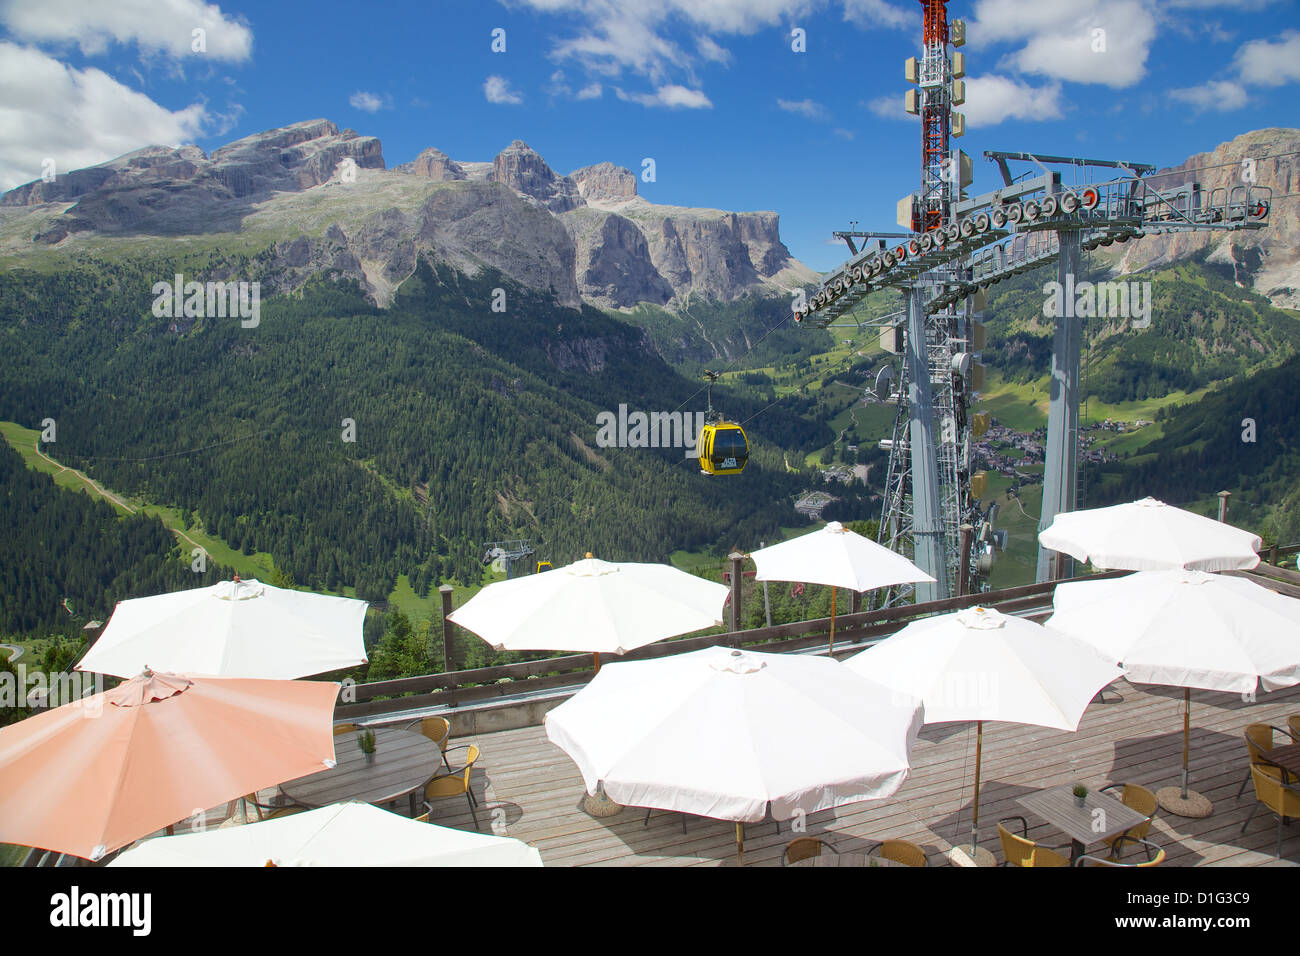 View from Col Alto, Corvara, Badia Valley, Bolzano Province, Trentino-Alto Adige/South Tyrol, Italian Dolomites, Stock Photo